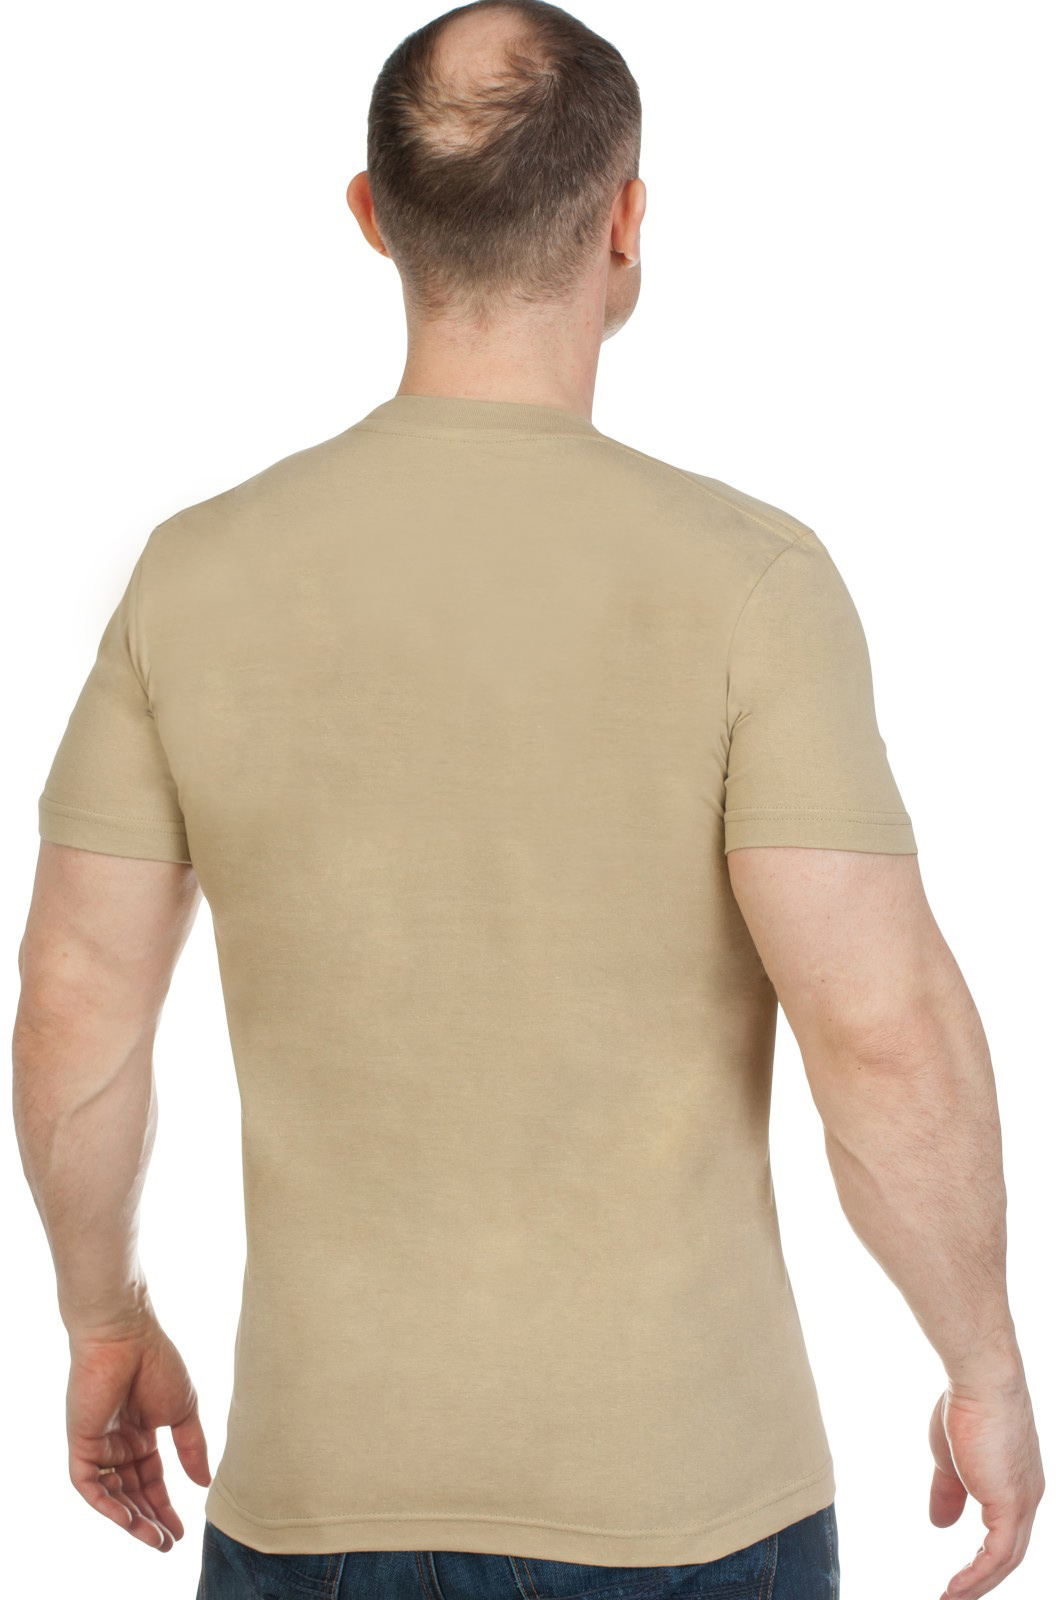 Крутая рыбацкая футболка с тематическим принтом - купить в подарок